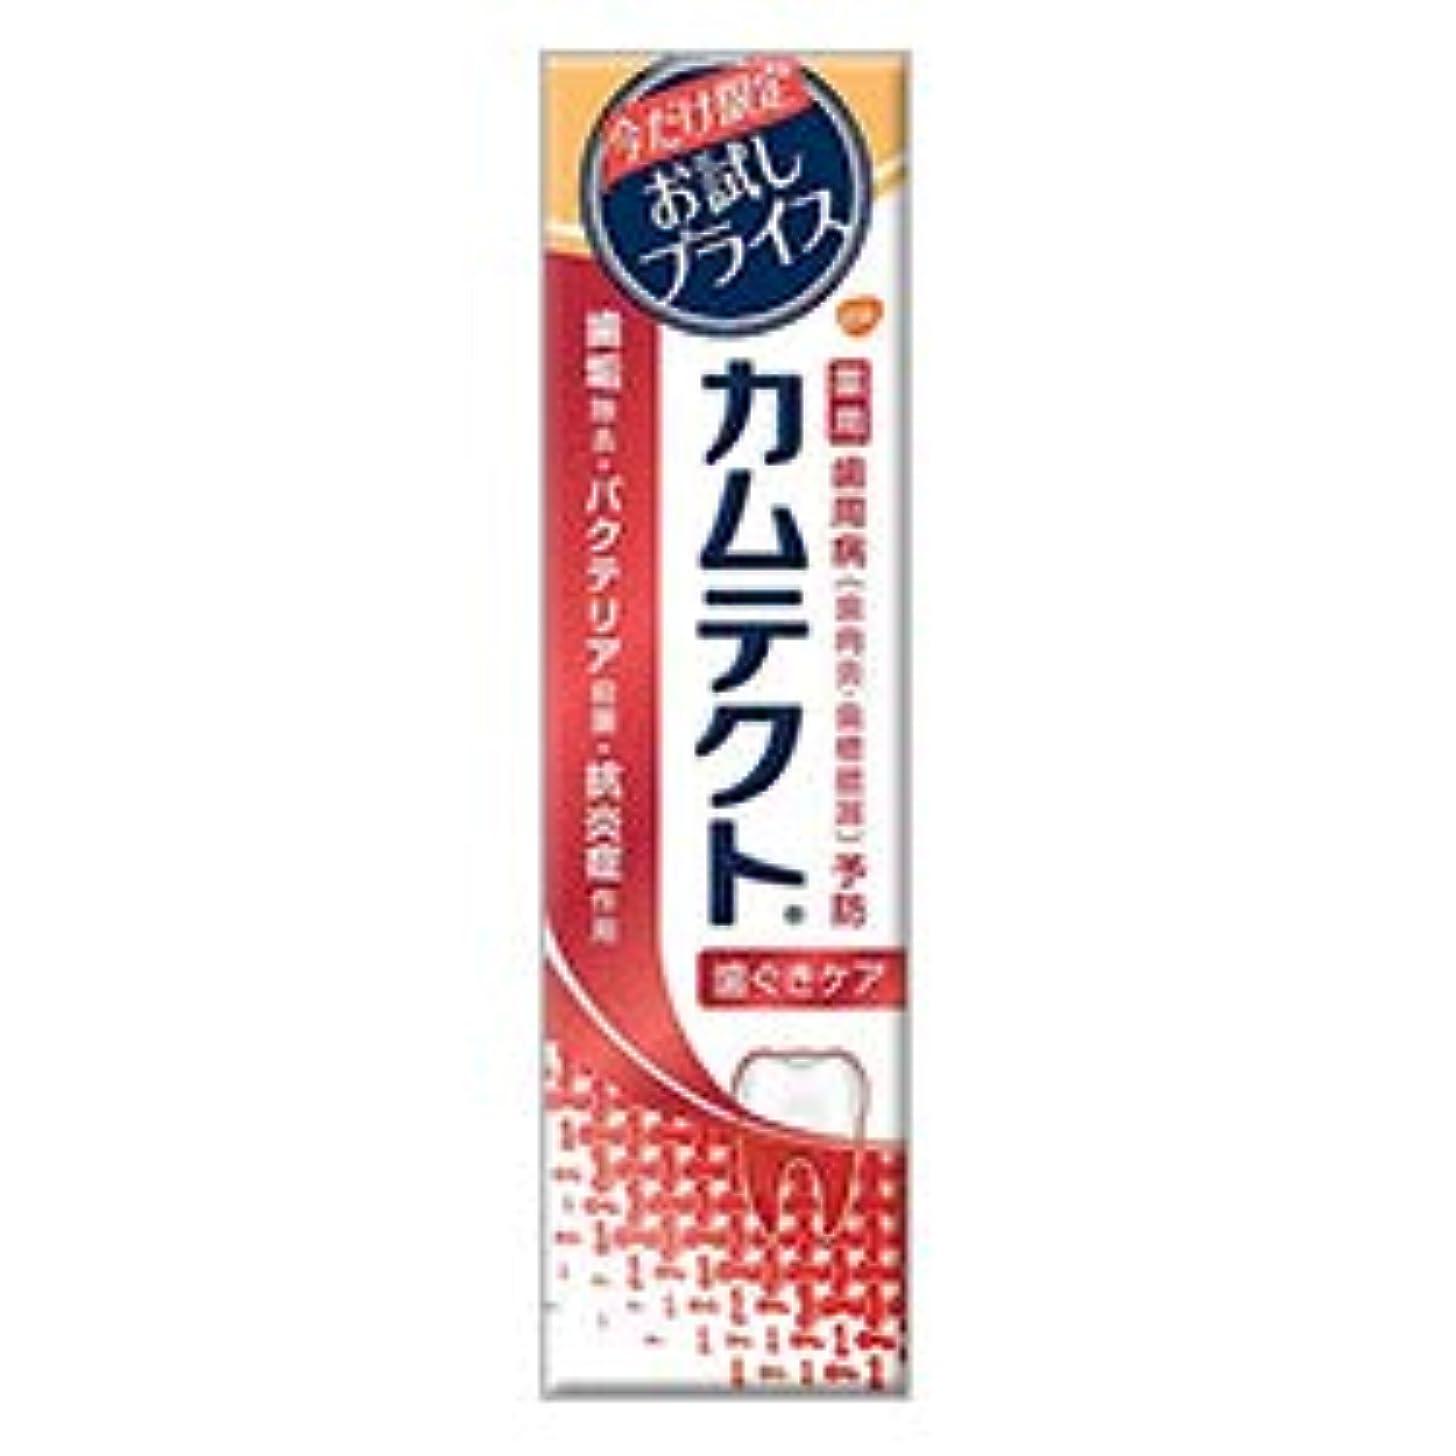 幸運なことに現像不利【アース製薬】カムテクト 歯ぐきケア 限定お試し版 105g [医薬部外品] ×2個セット